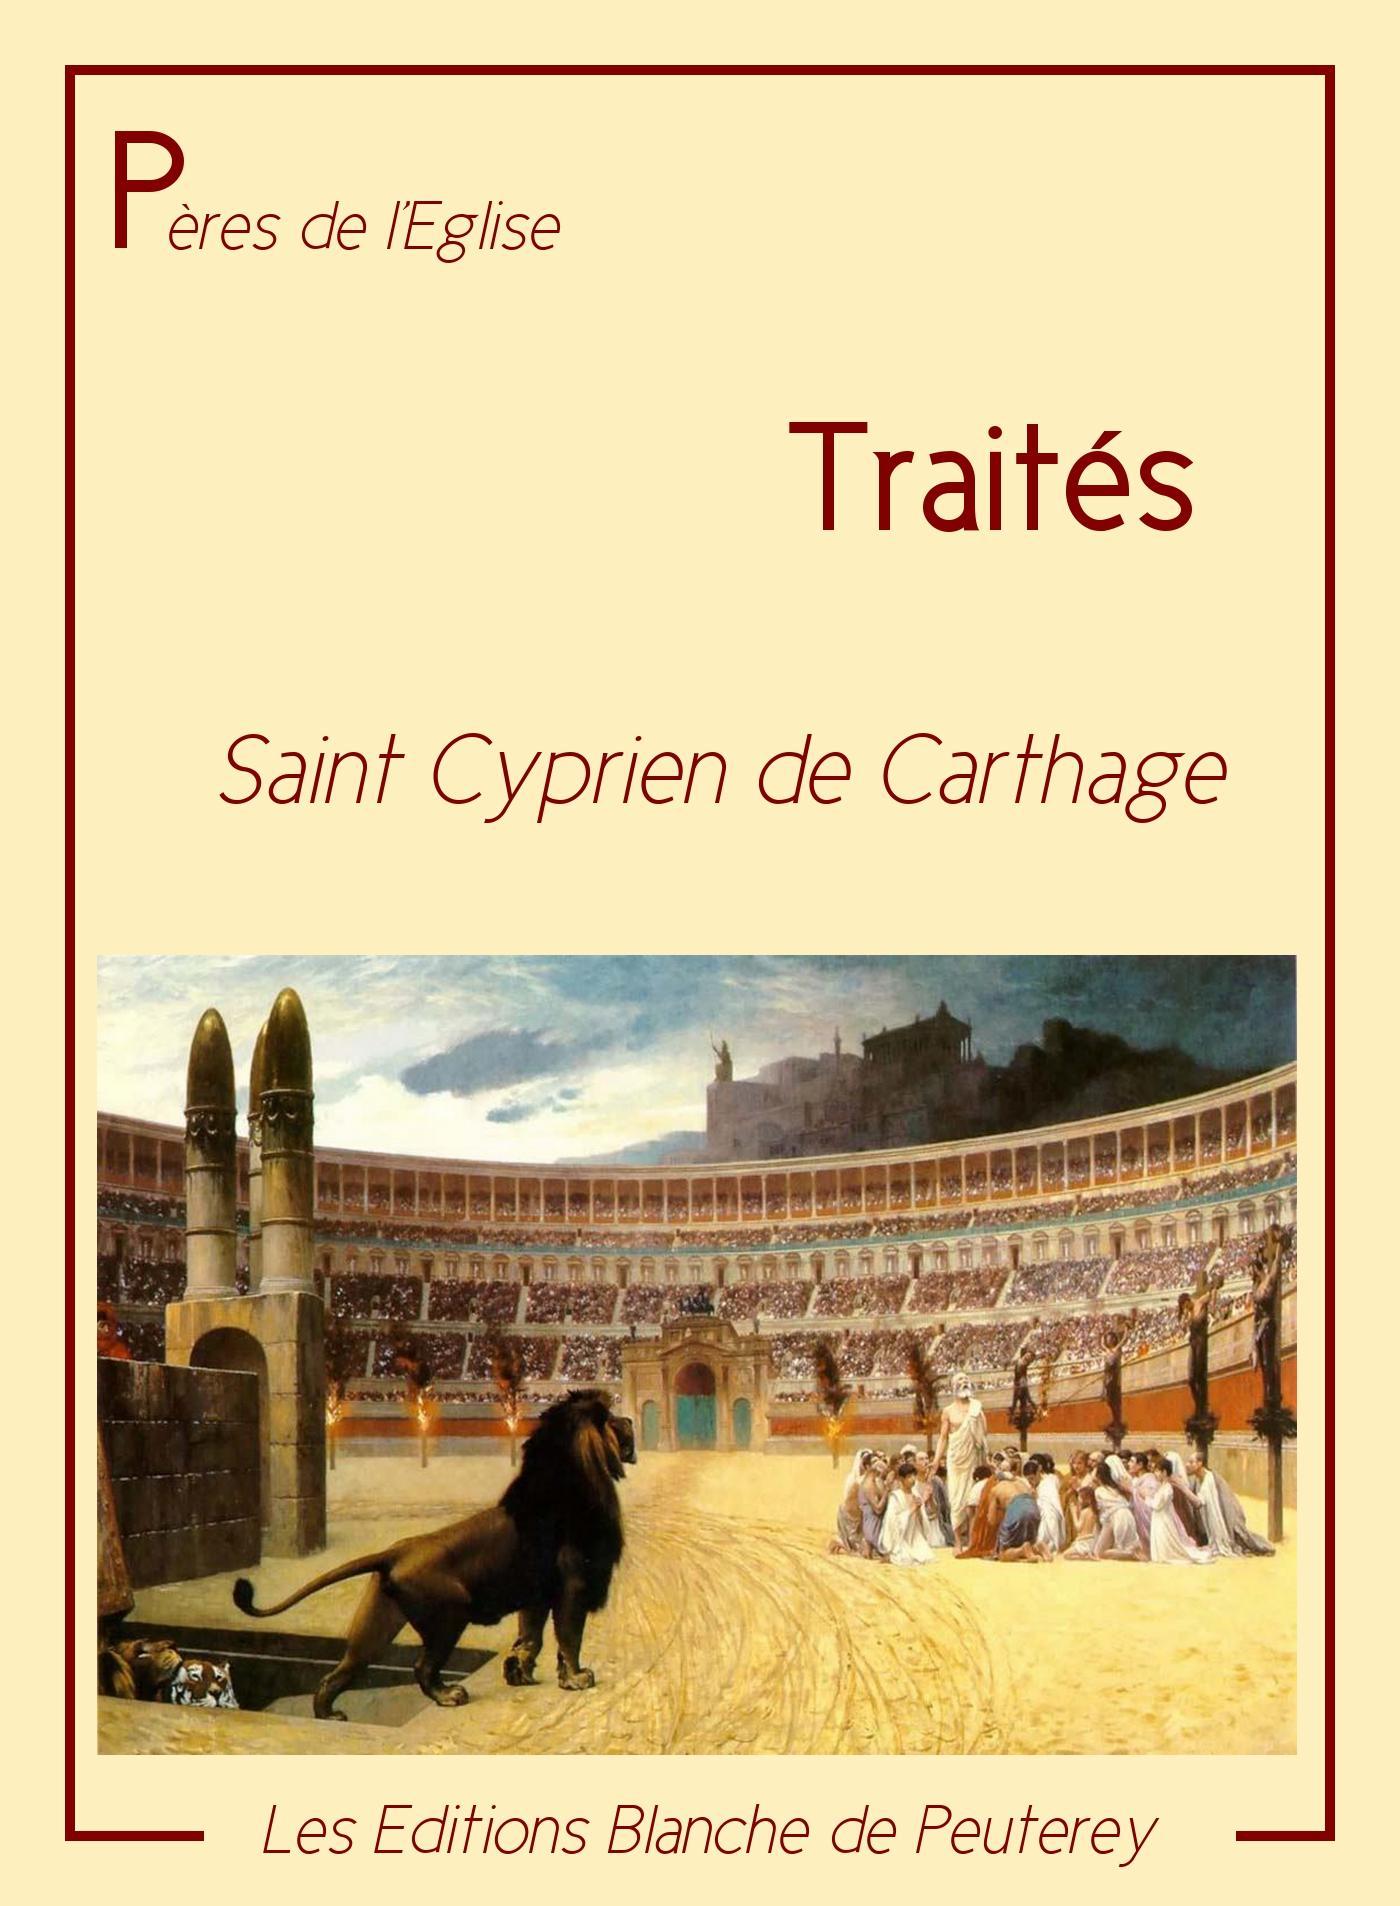 Traités, 1ER TOME DES OEUVRES COMPLÈTES